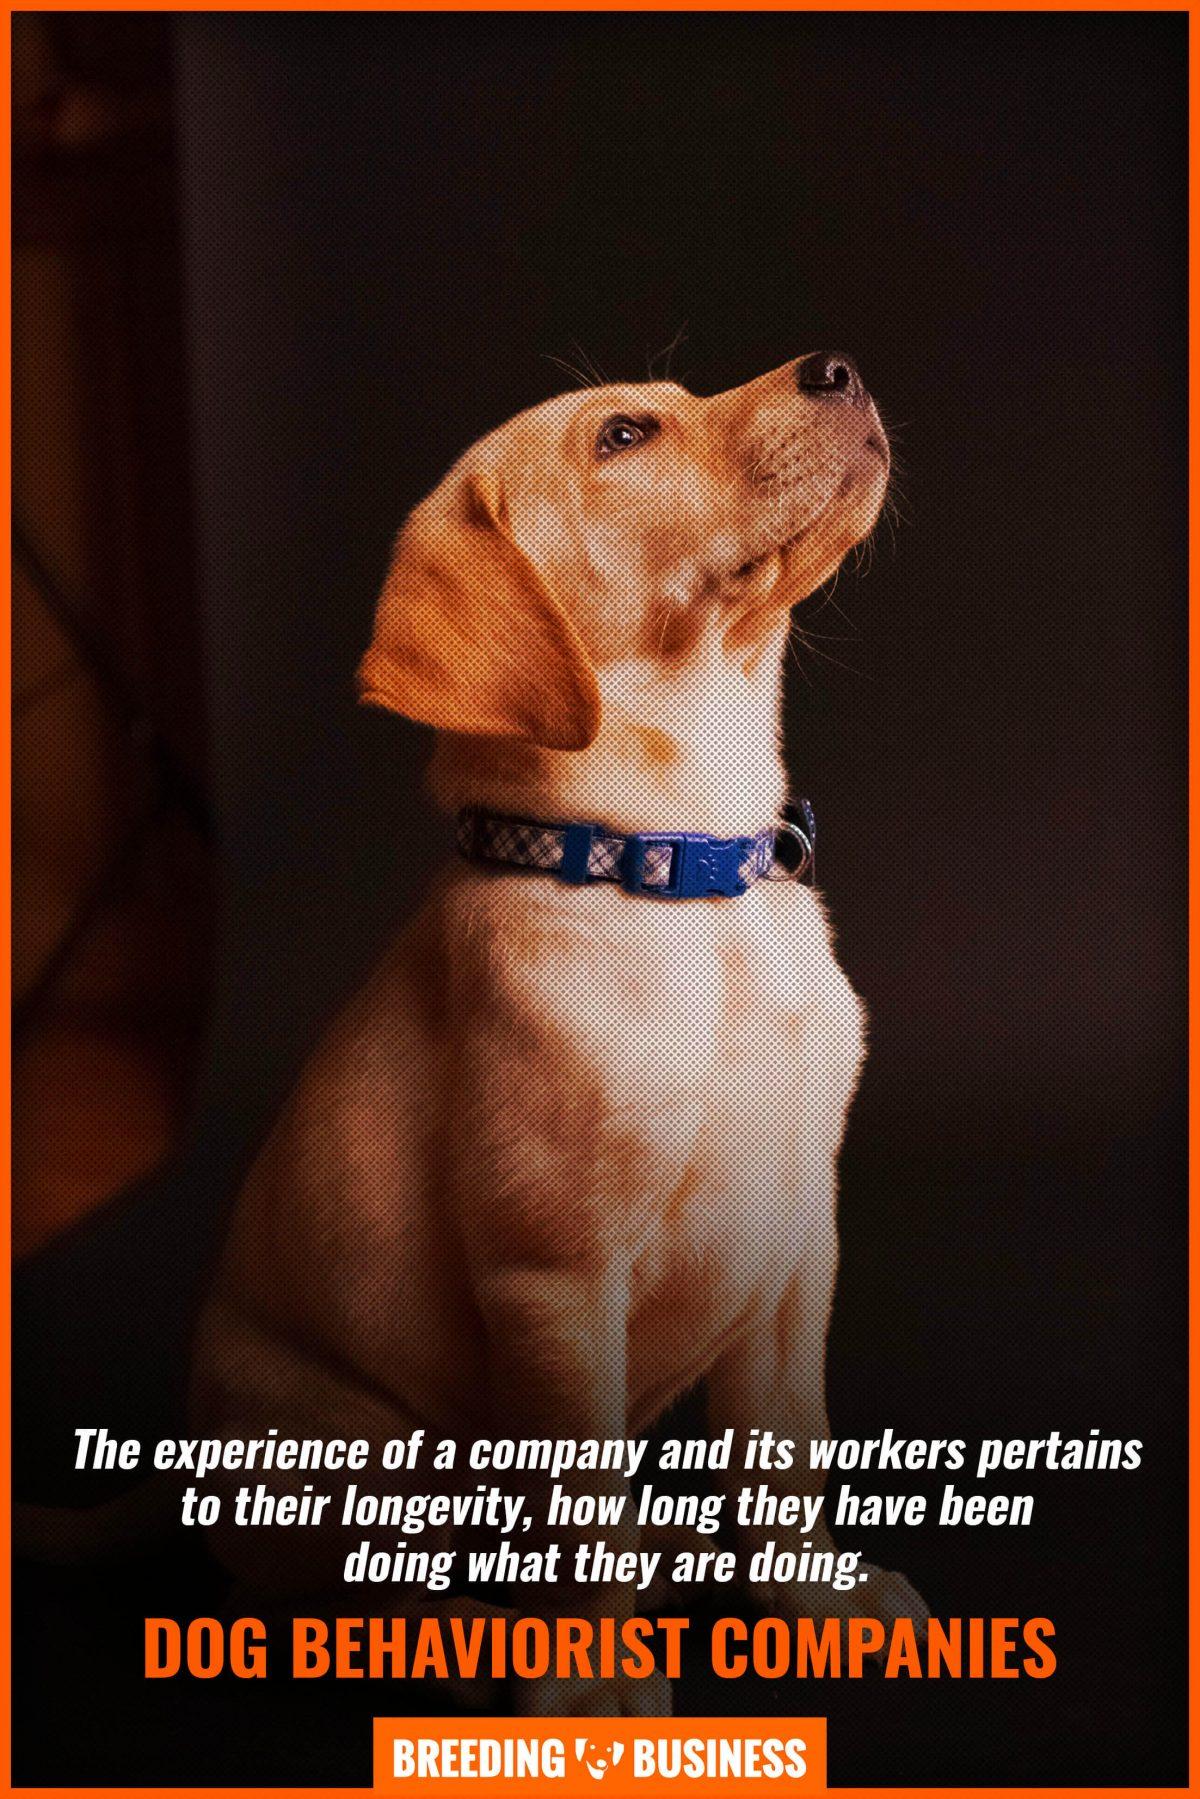 dog behaviorist companies